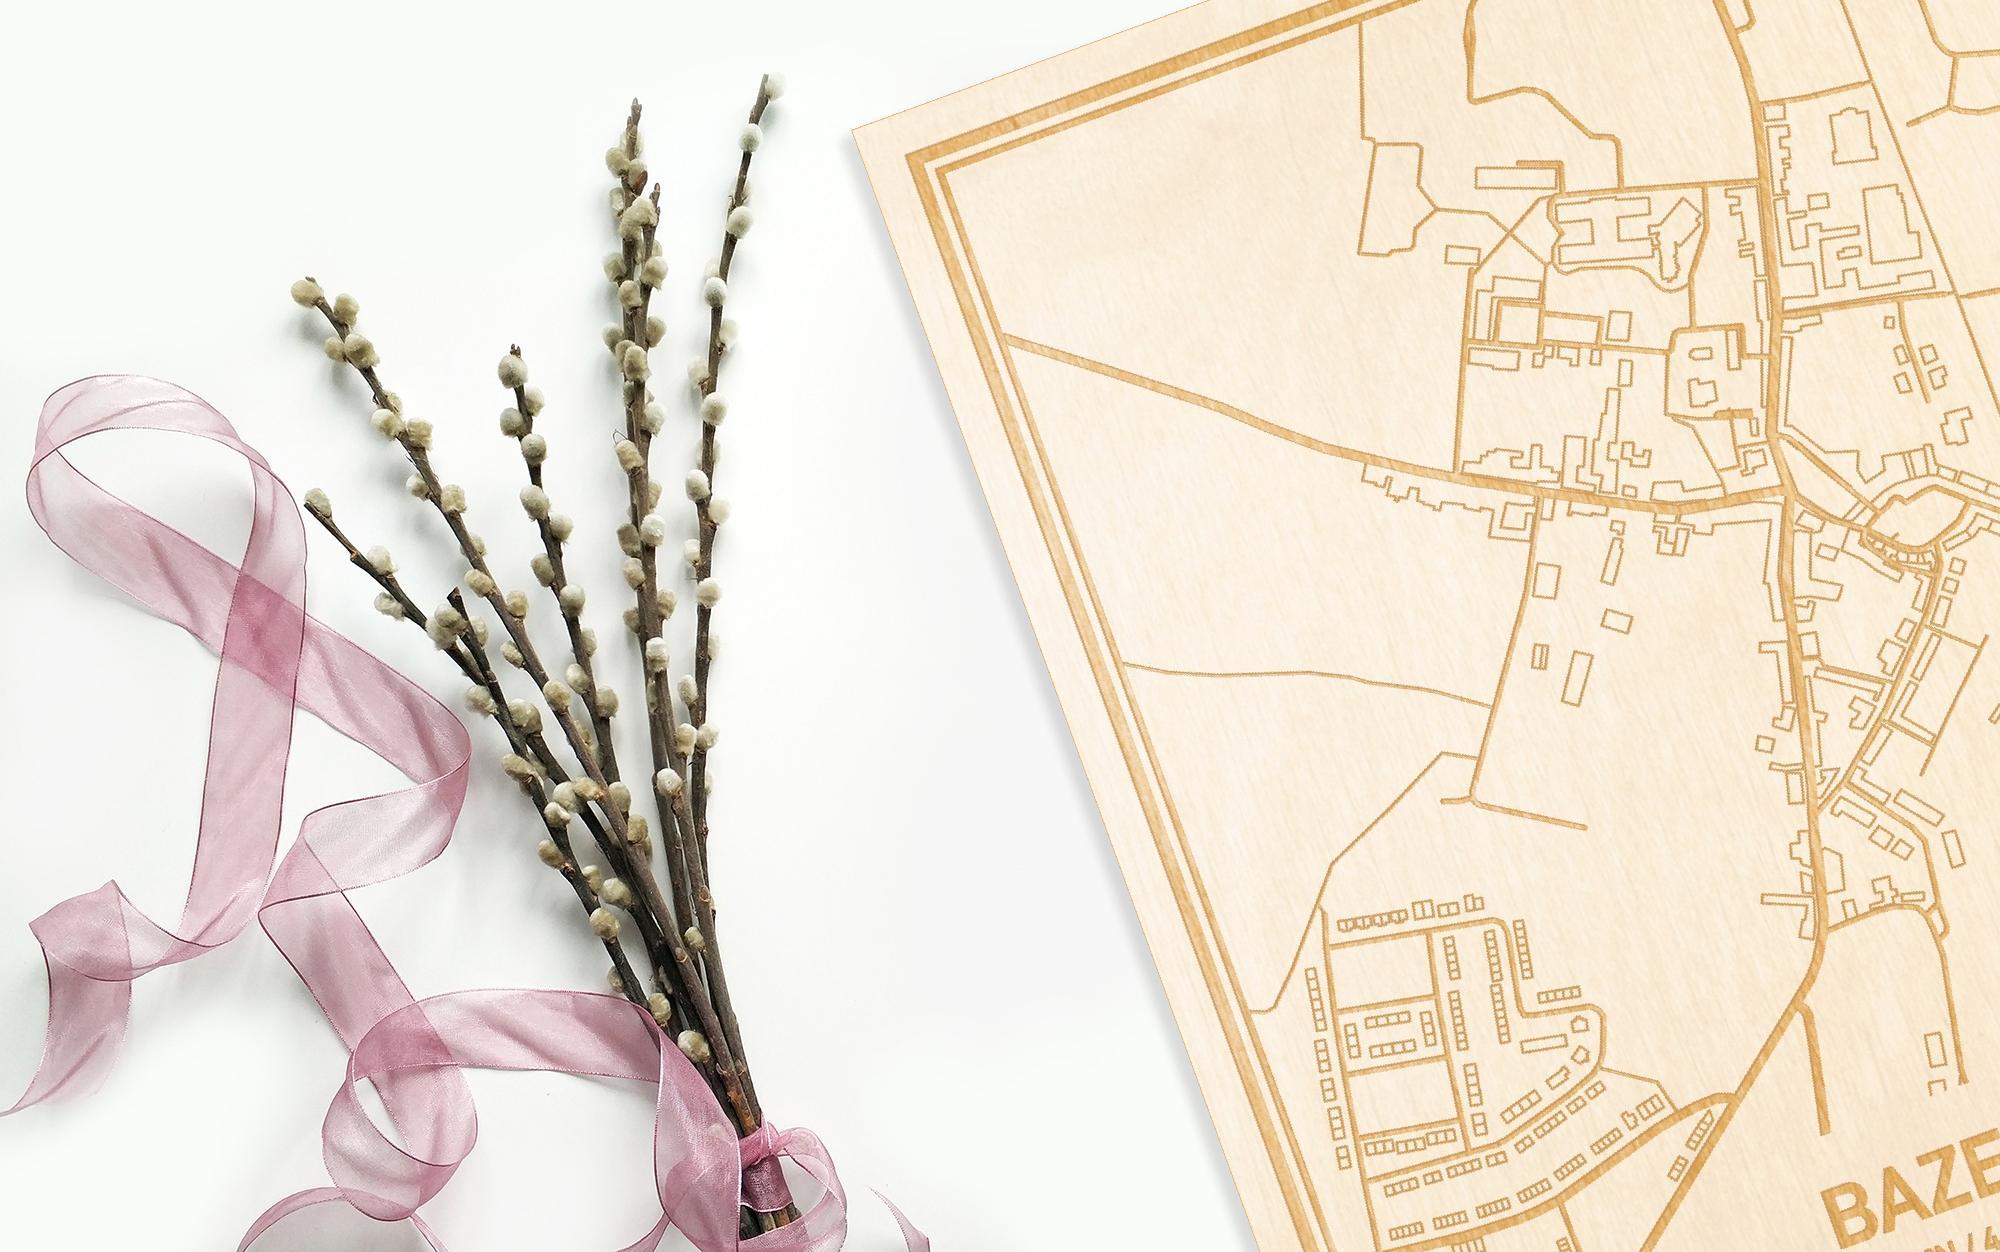 Hier ligt de houten plattegrond Bazel naast een bloemetje als gepersonaliseerd cadeau voor haar.